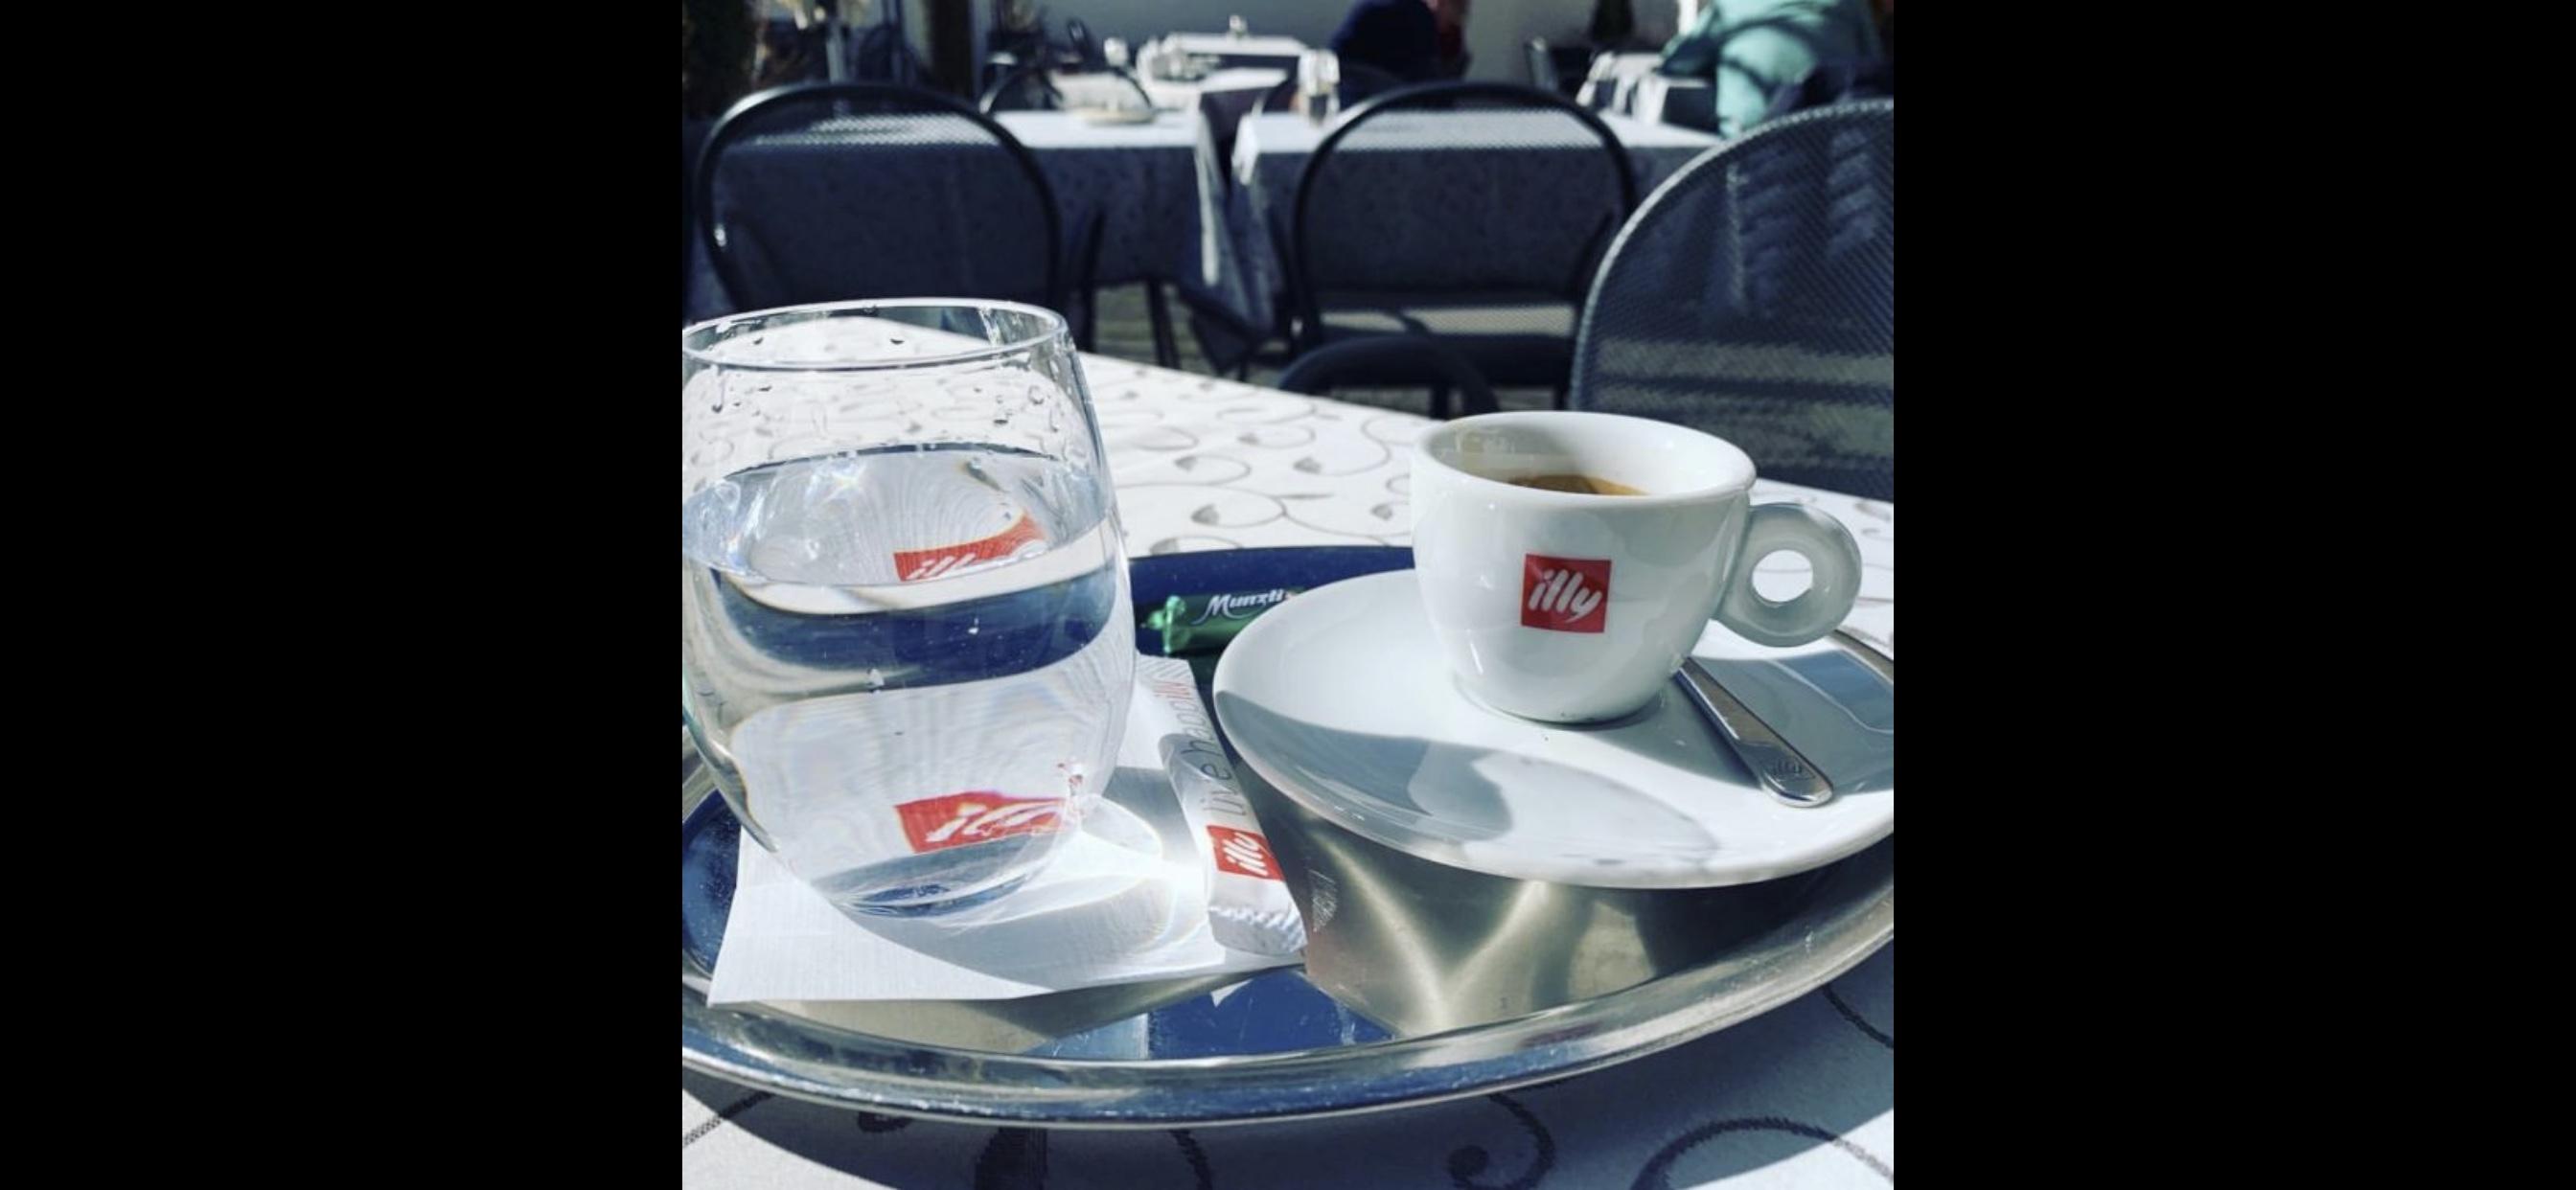 Ab Februar kann man bei uns in der Sonne sitzen und einen Kaffee genießen!